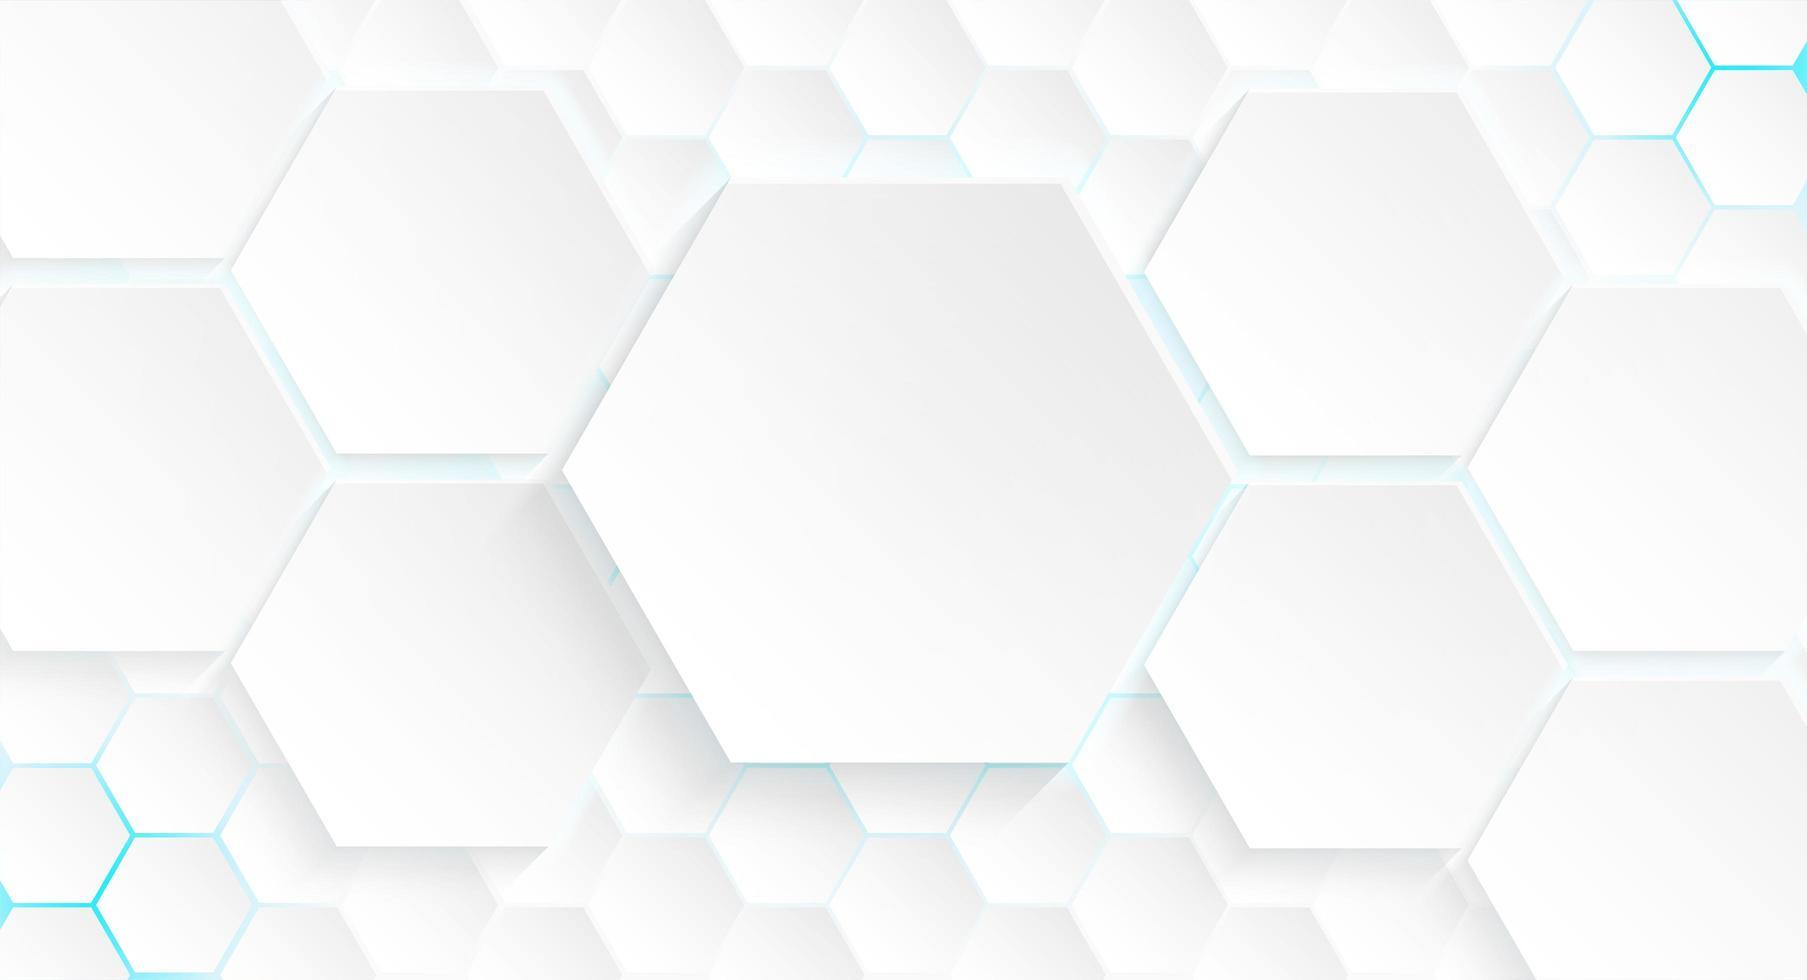 plusieurs hexagones avec lumière bleue et ombre vecteur